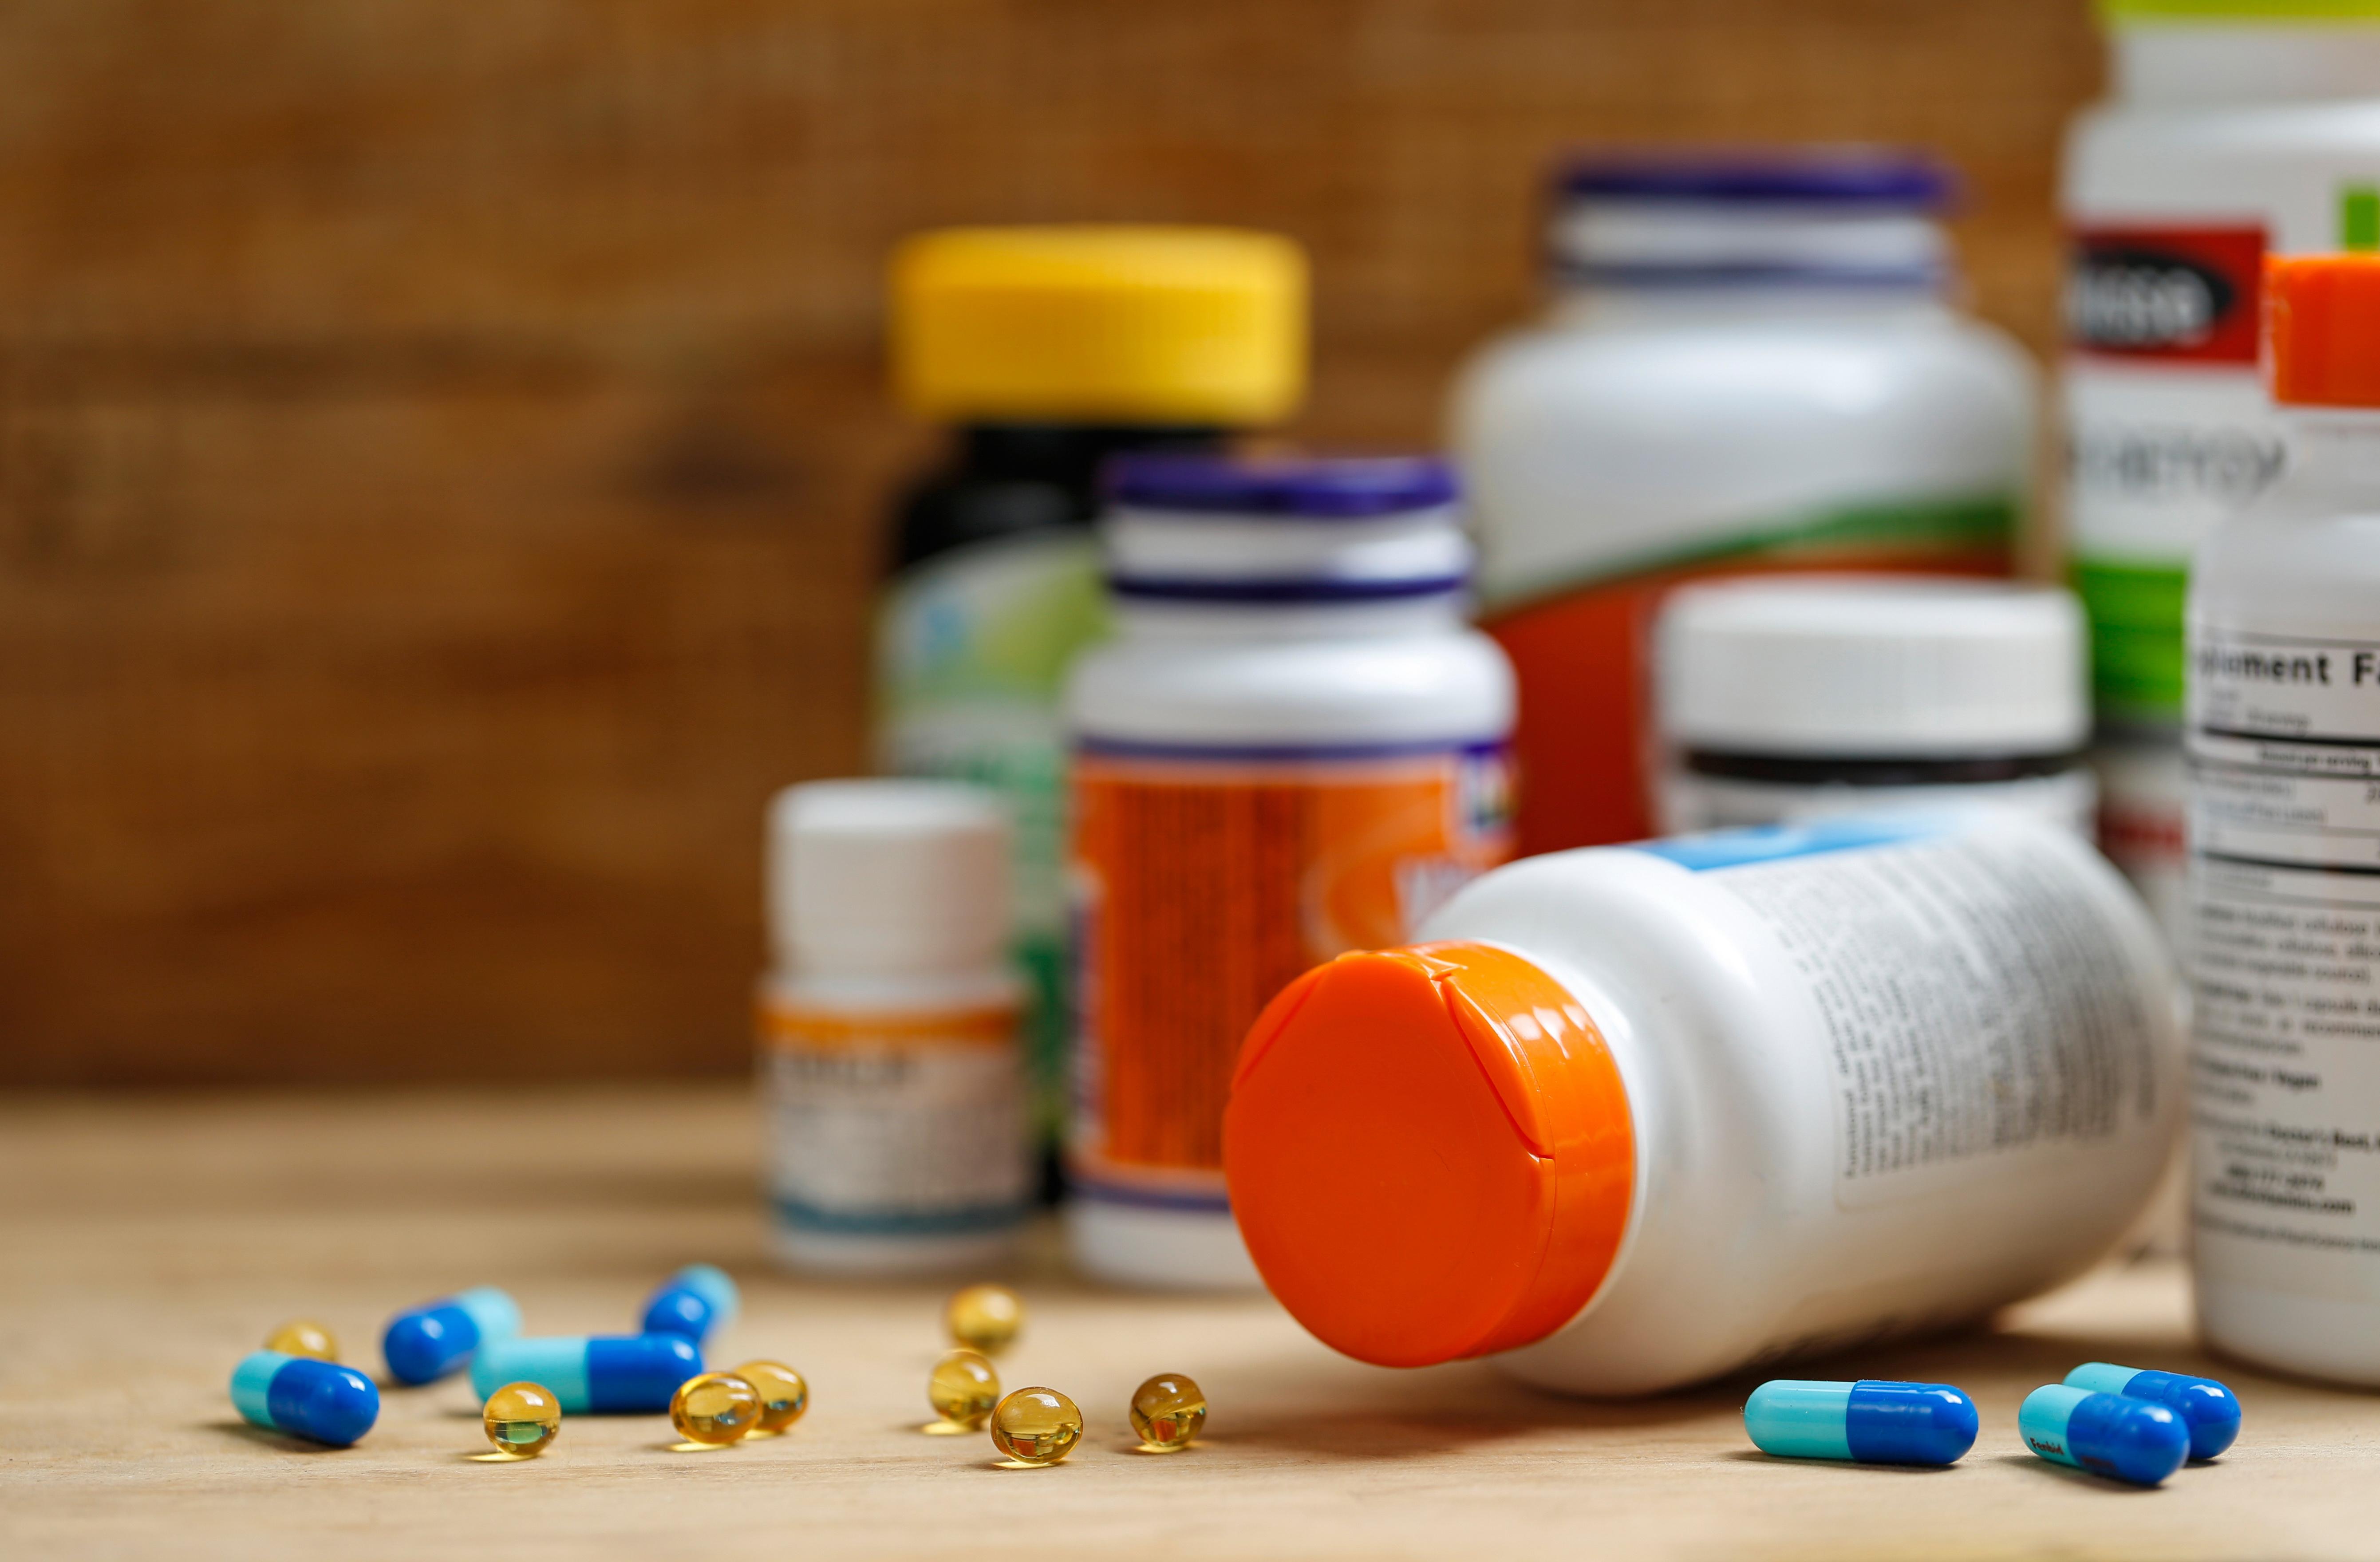 Boccette di medicine e pillole. Creato da Xb100 - Freepik.com